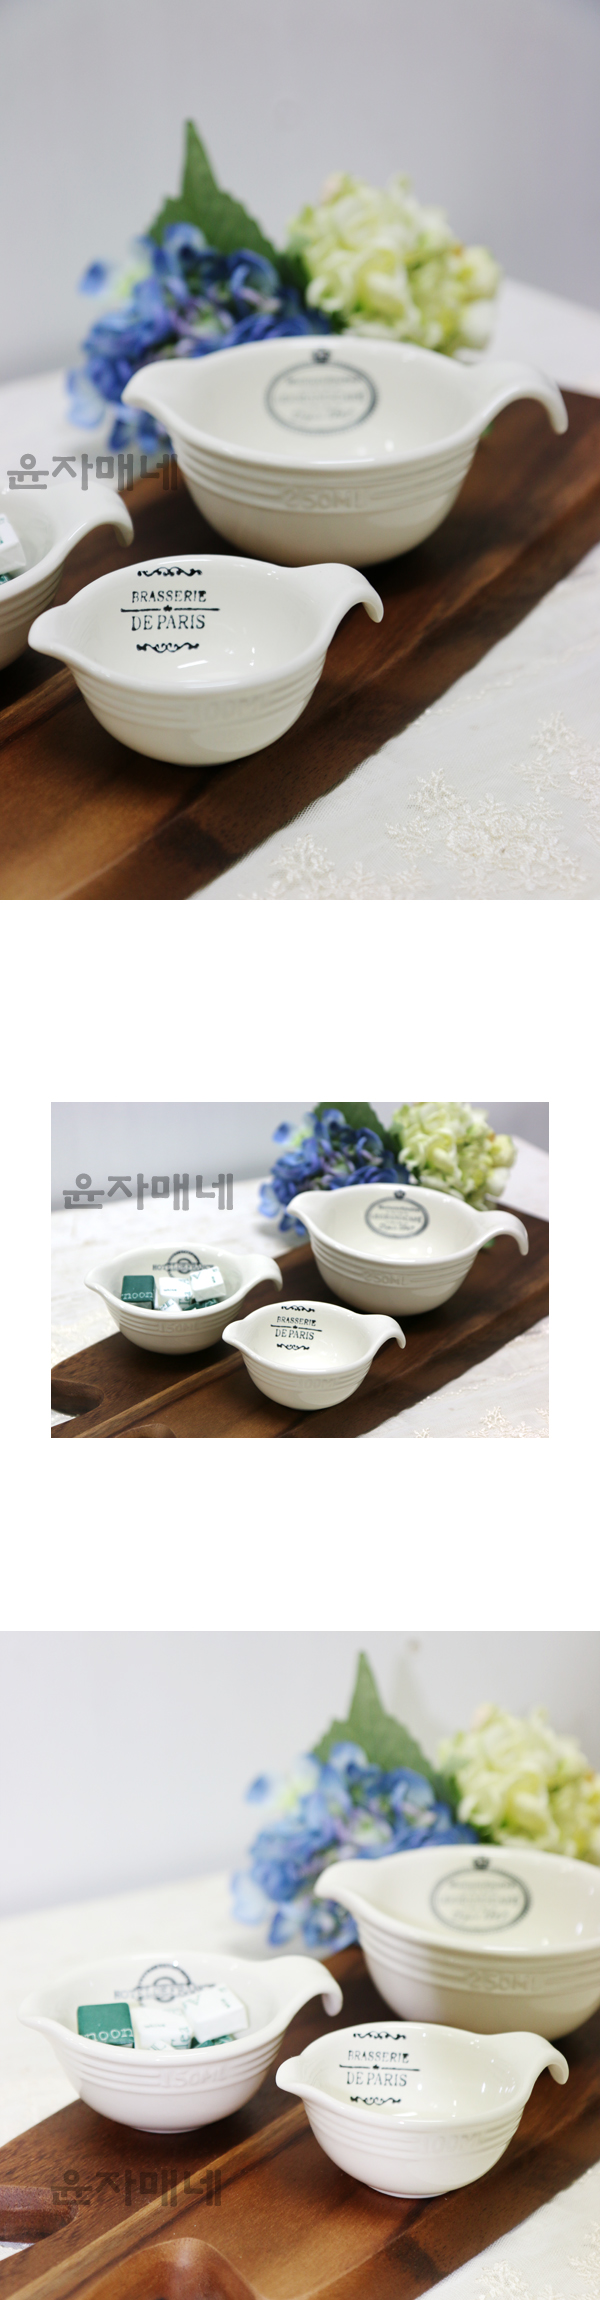 메종계량종지볼(4size) - 윤자매네, 5,400원, 샐러드볼/다용도볼, 종지/소스볼